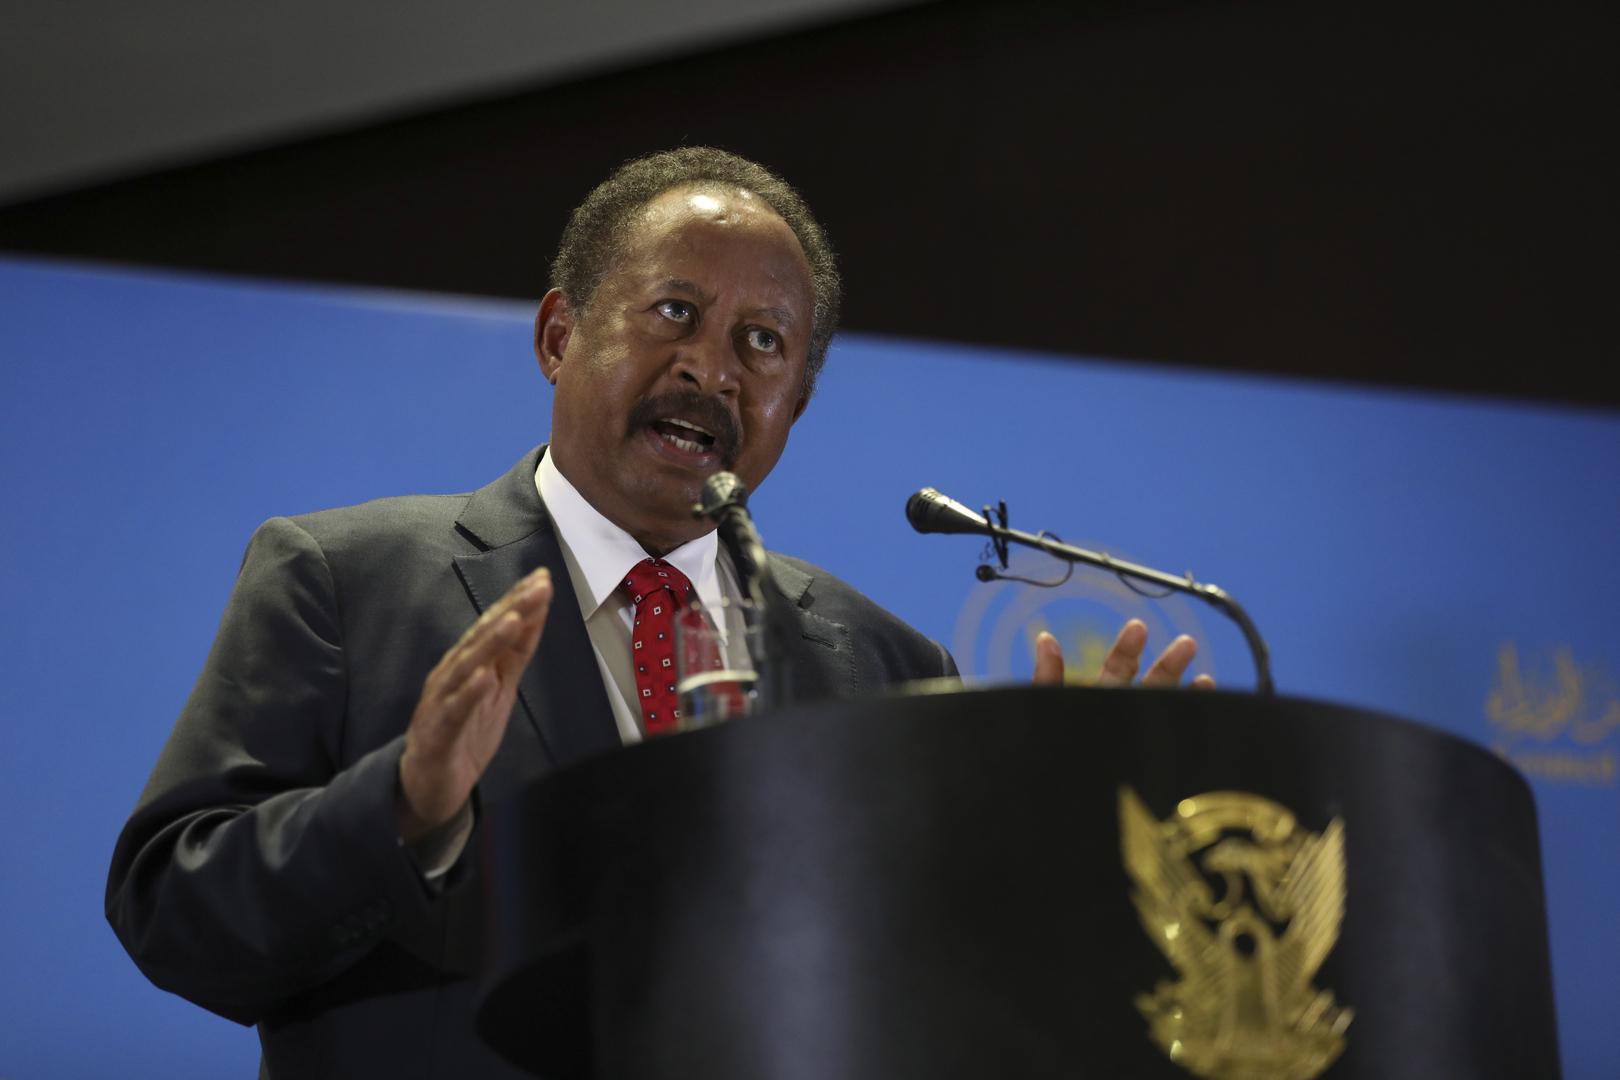 حمدوك تعليقا على محاولة الانقلاب في السودان:  لجنة ستصدر قرارات سريعة لتفكيك نظام الثلاثين من يونيو